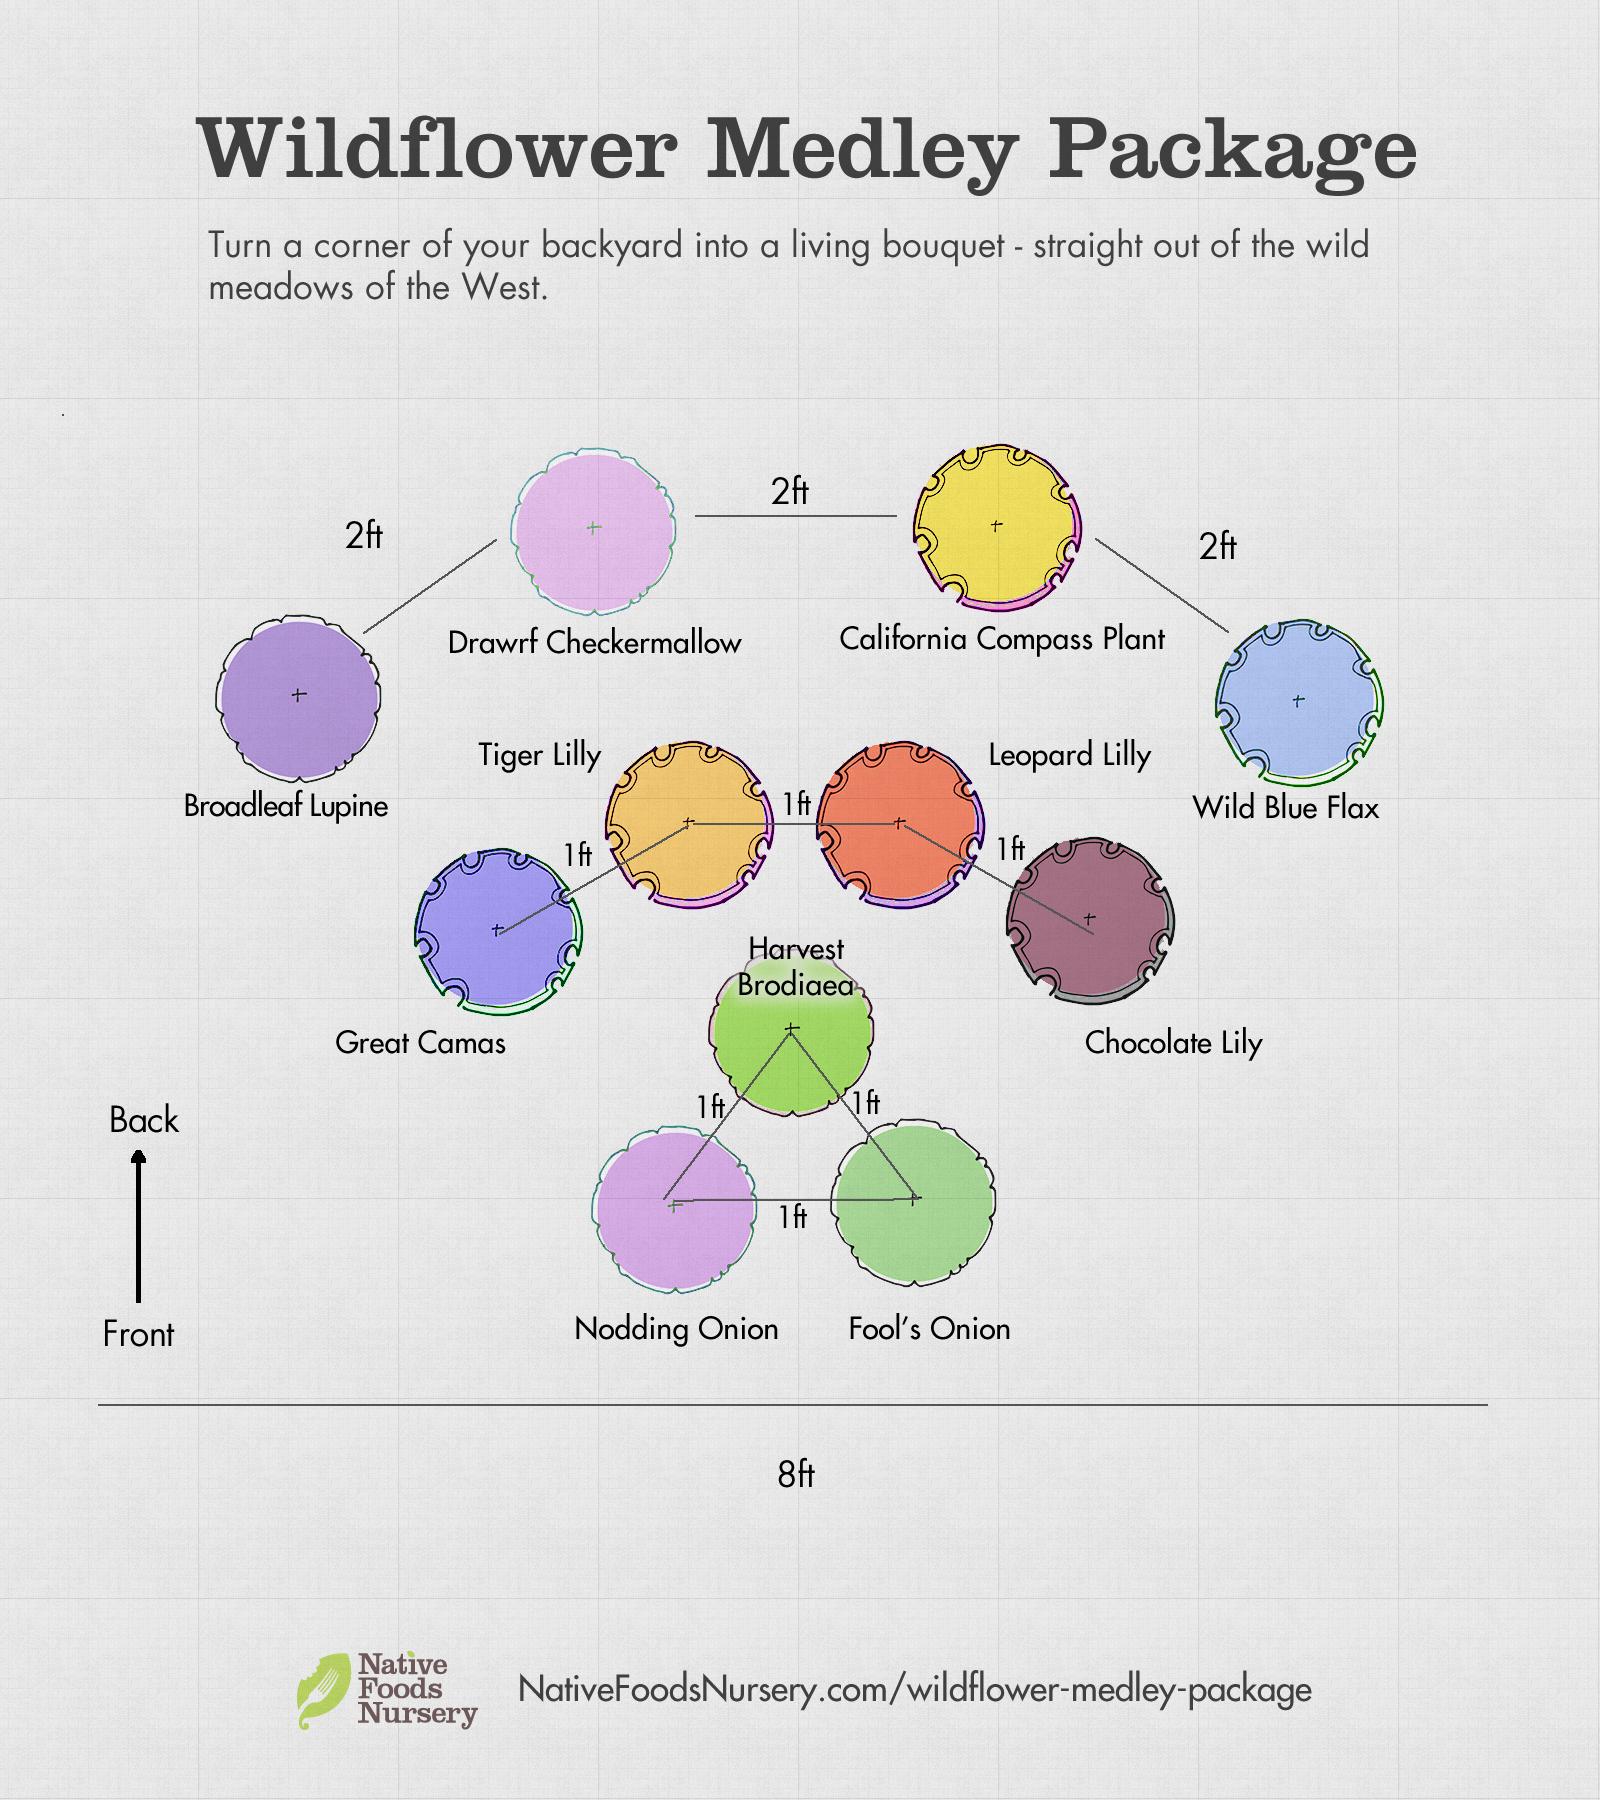 wildflower-medley-package.jpg